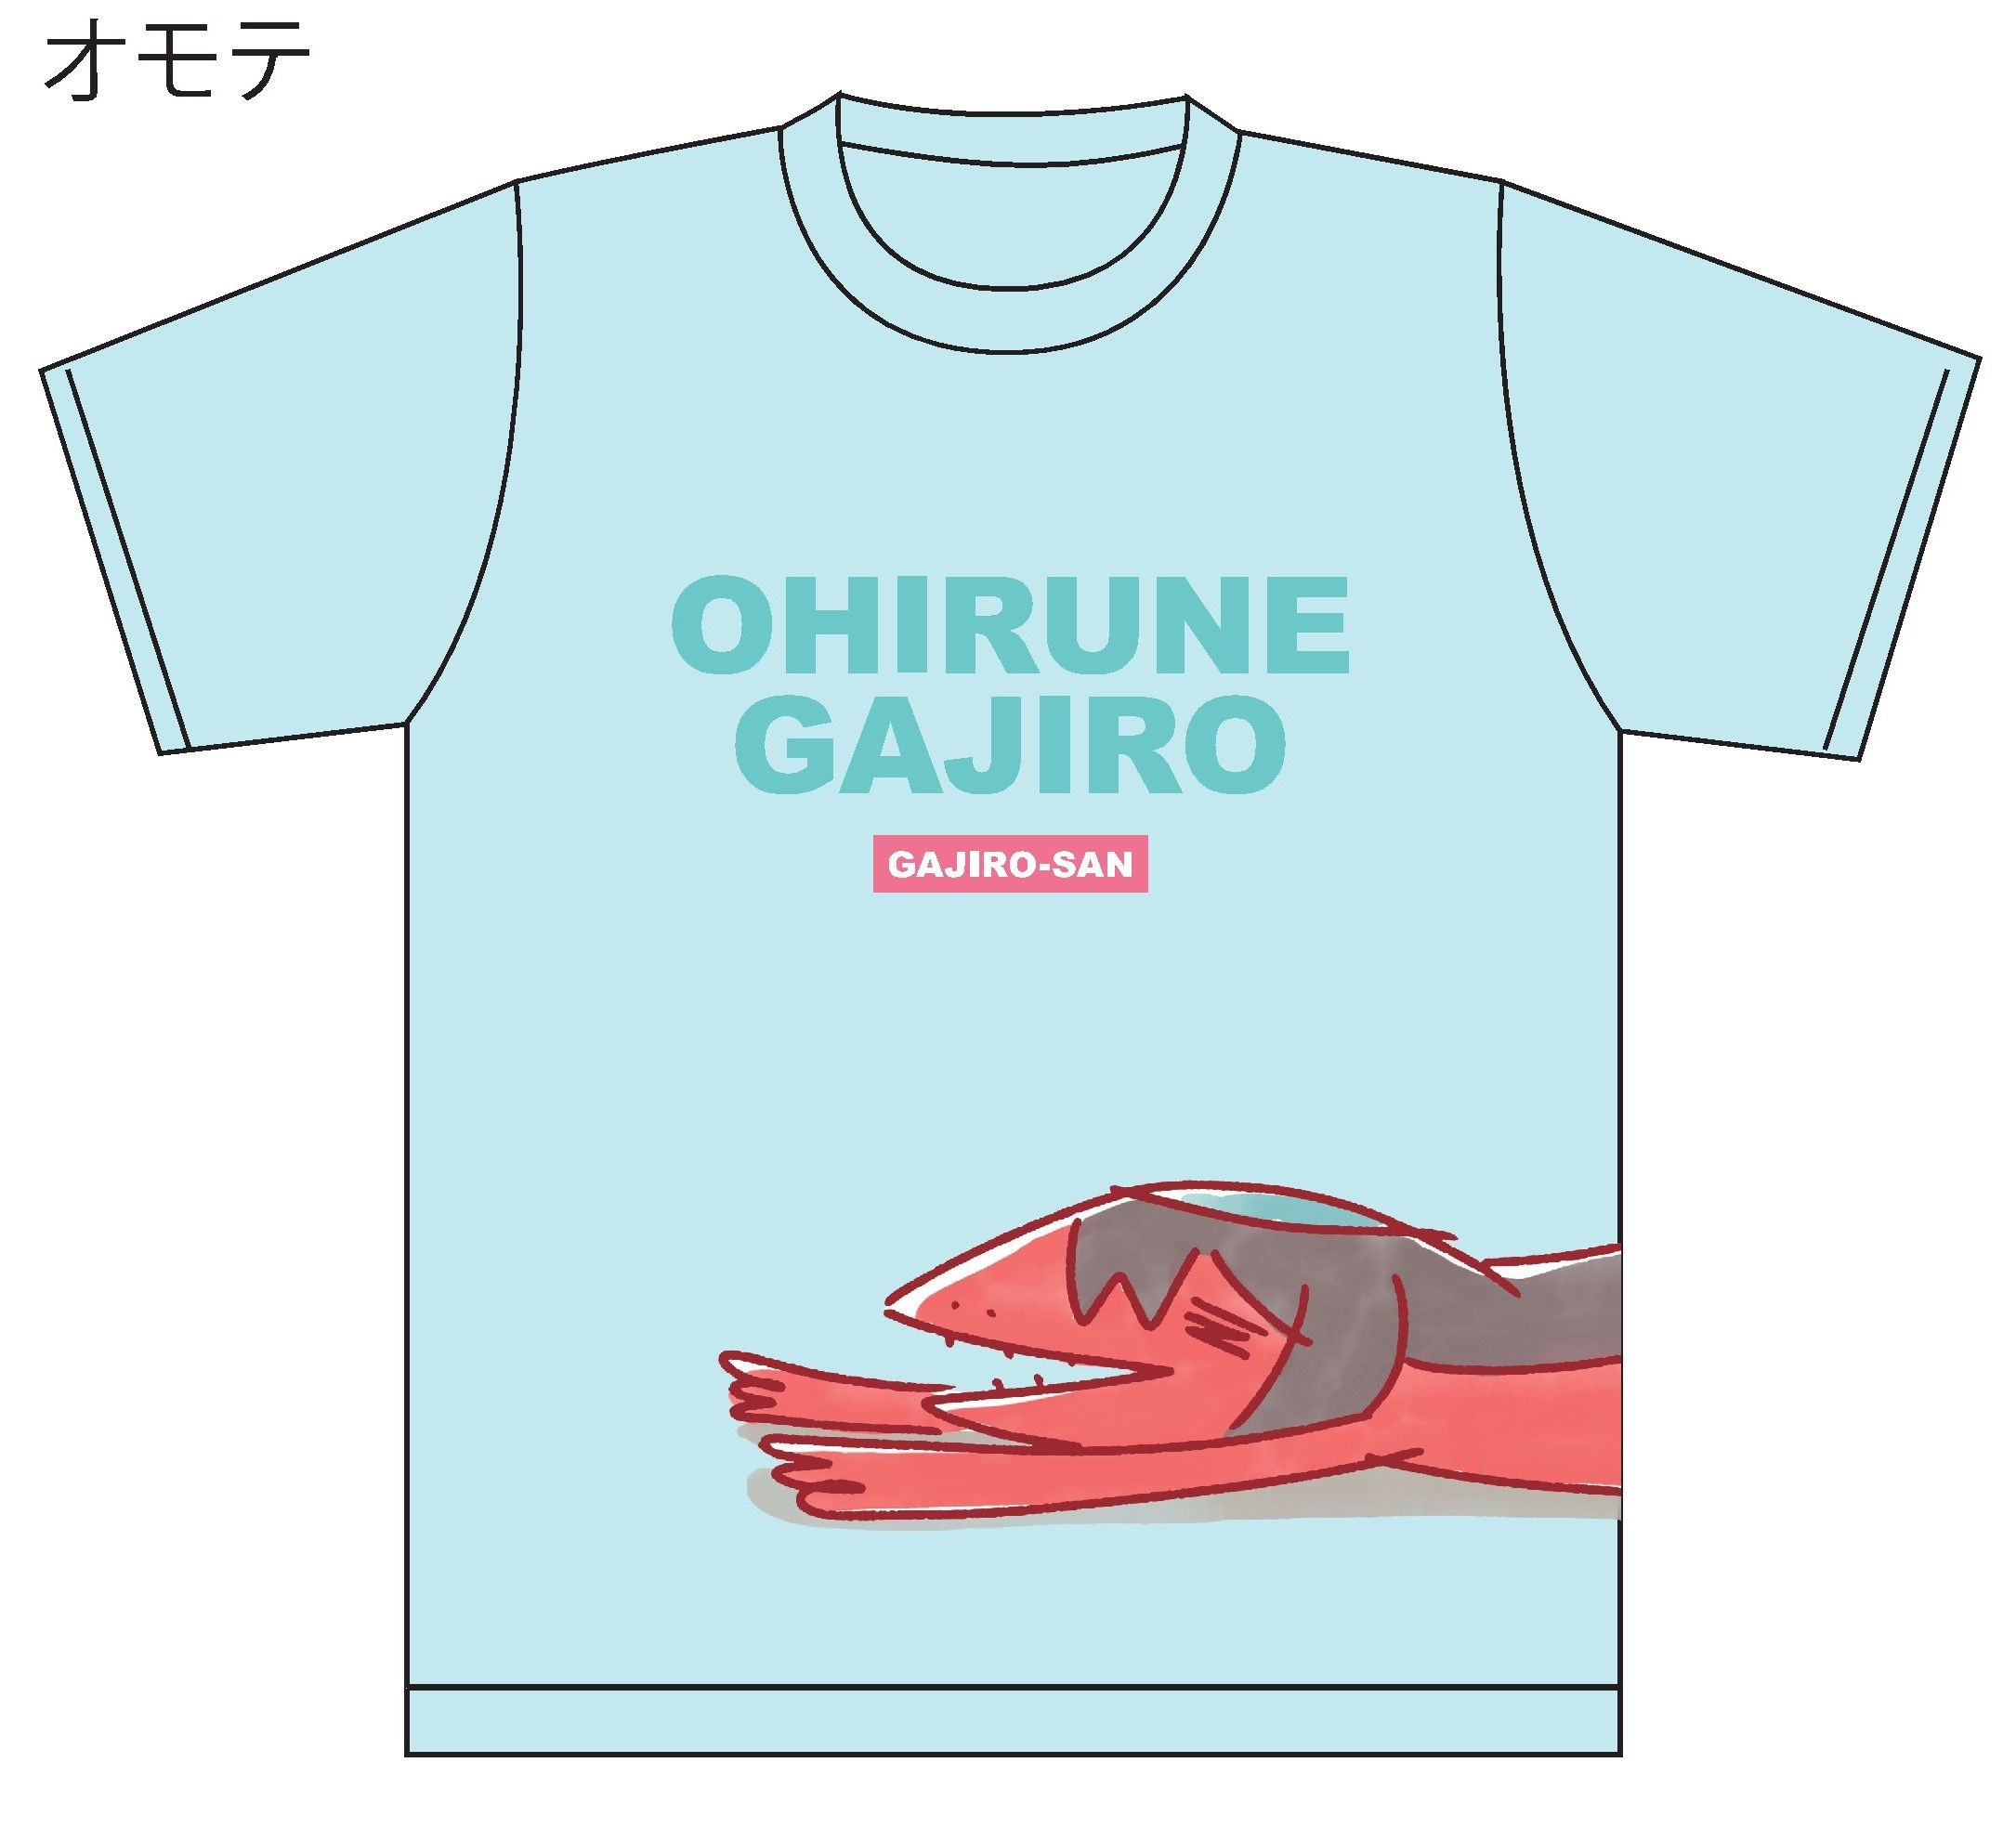 兵庫県福崎町 【ふるさと納税】FUK-10-2 ガジロウの Tシャツ ~おひるね~ ブルー